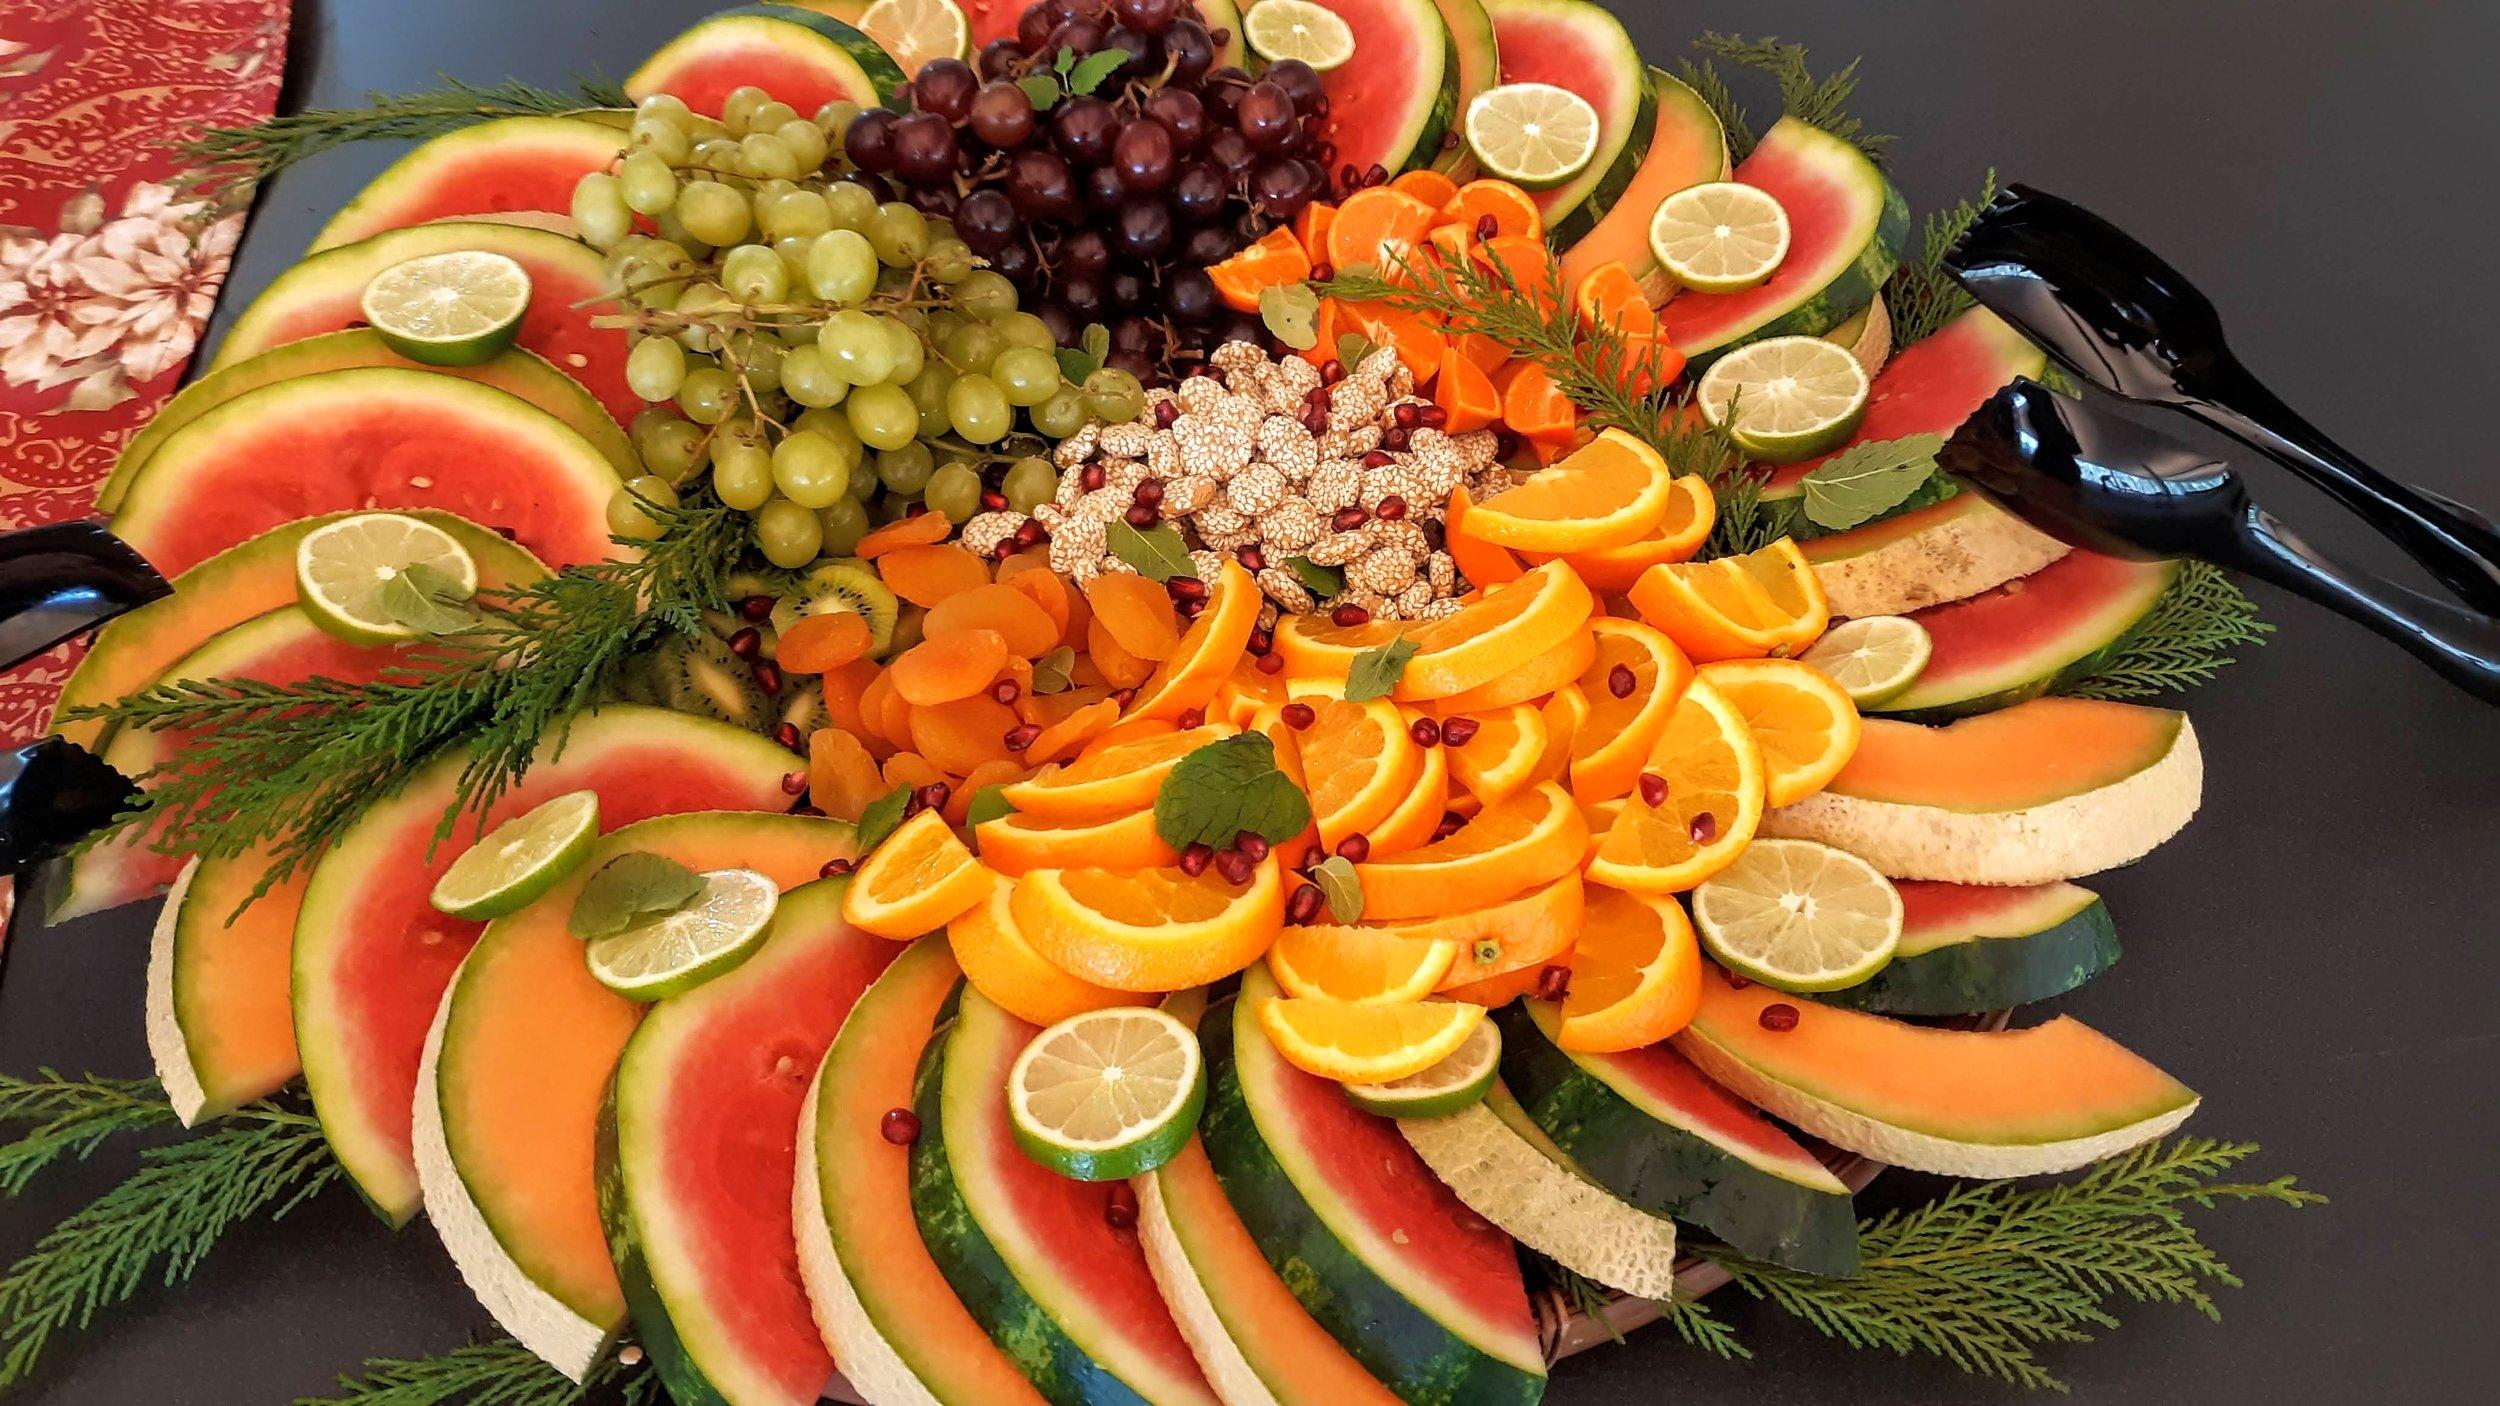 Lord Fruit platter.jpg